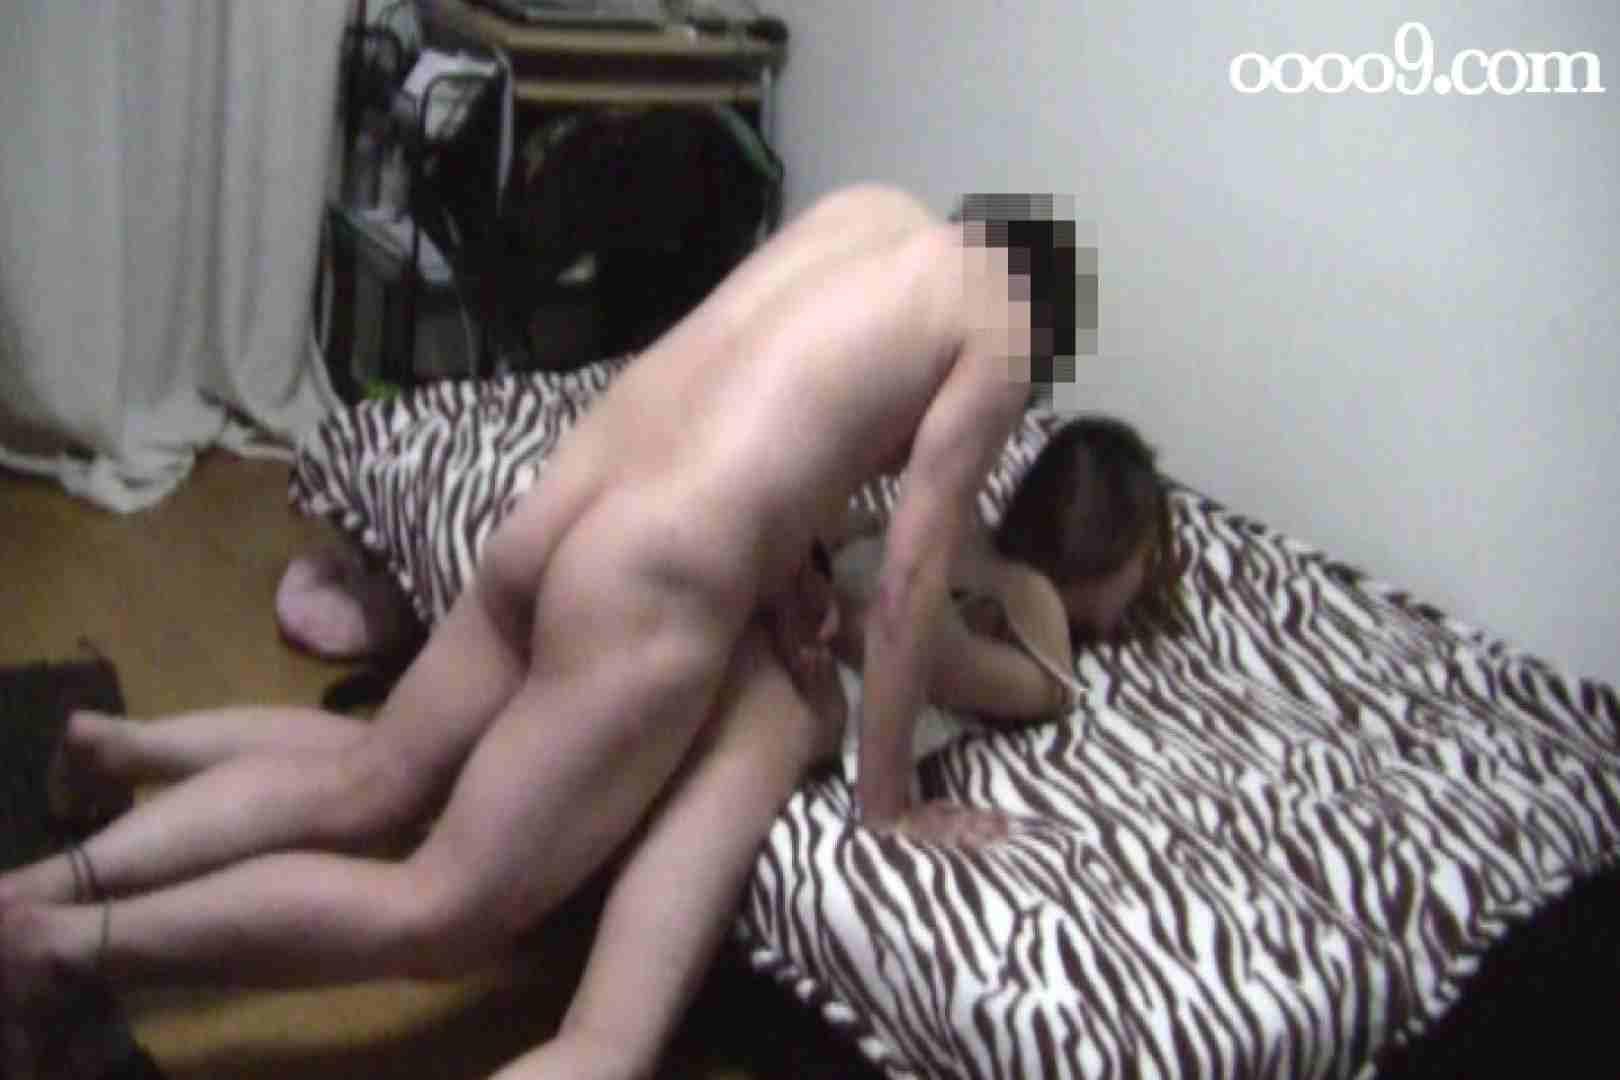 俺と彼女のハメハメ日記~八日目(挿入編)~ 淫乱 女性器鑑賞 109pic 24